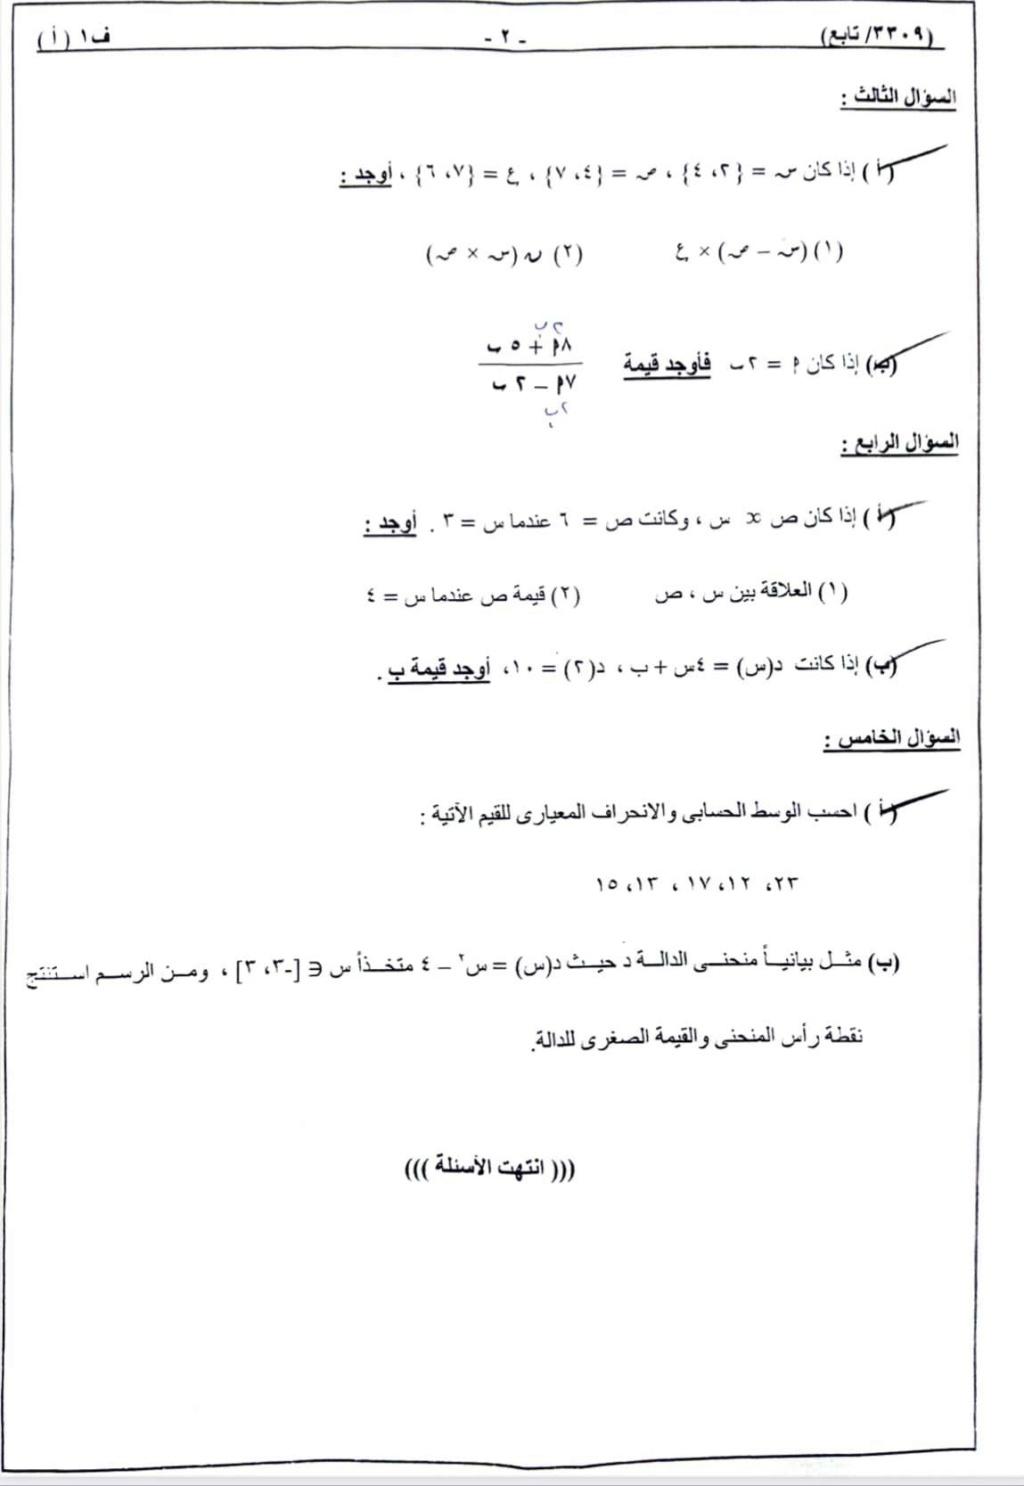 امتحان اليوم للشهادة الإعدادية 2021 رياضيات اليوم ابناؤنا في الخارج مسار مصري 14102710